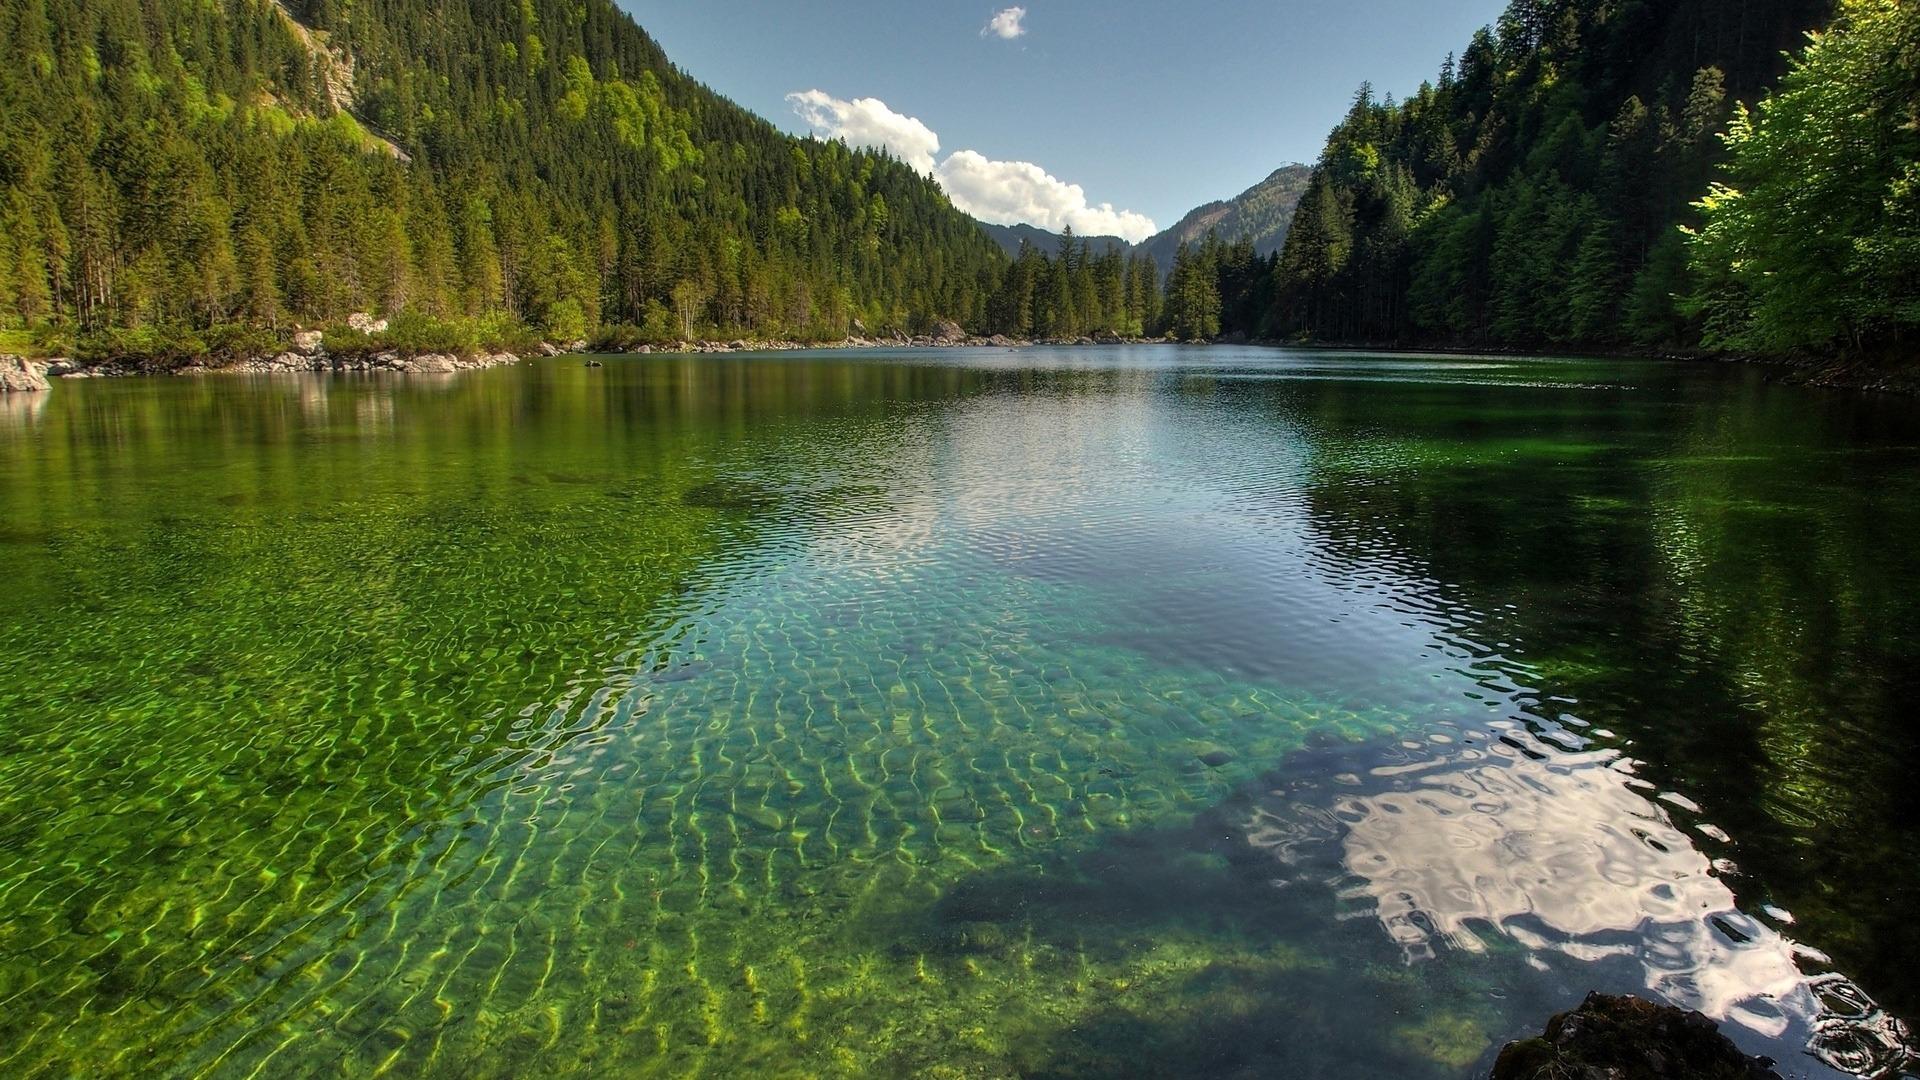 马尔代夫国家_清水水晶湖-摄影HDR壁纸预览   10wallpaper.com